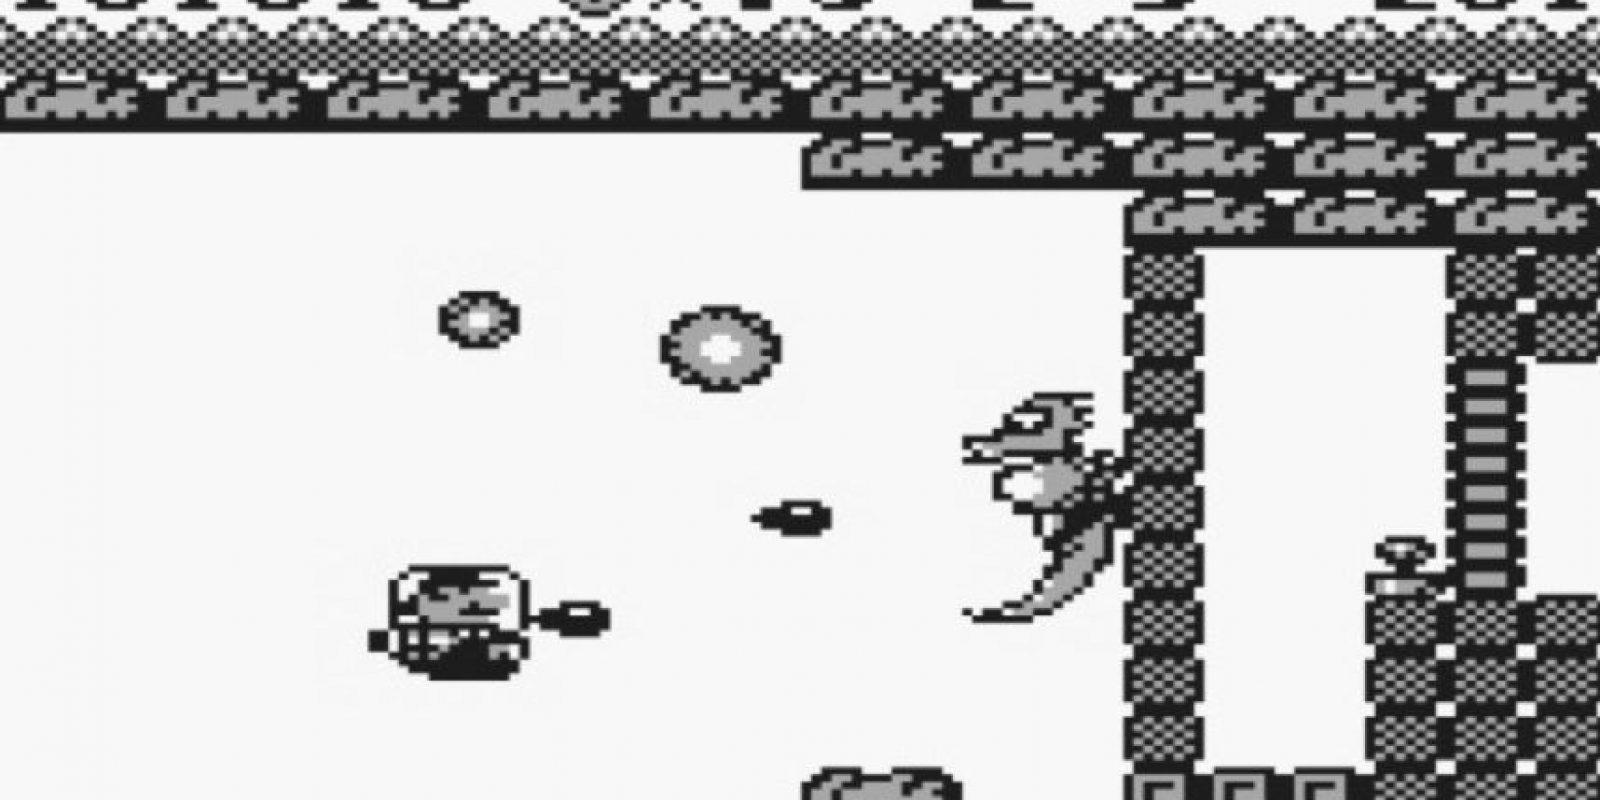 """Supermario Land (1989): El primer """"Supermario"""" que salió en Game Boy y vendió 18 millones de copias. Toda la exquisitez del juego original."""